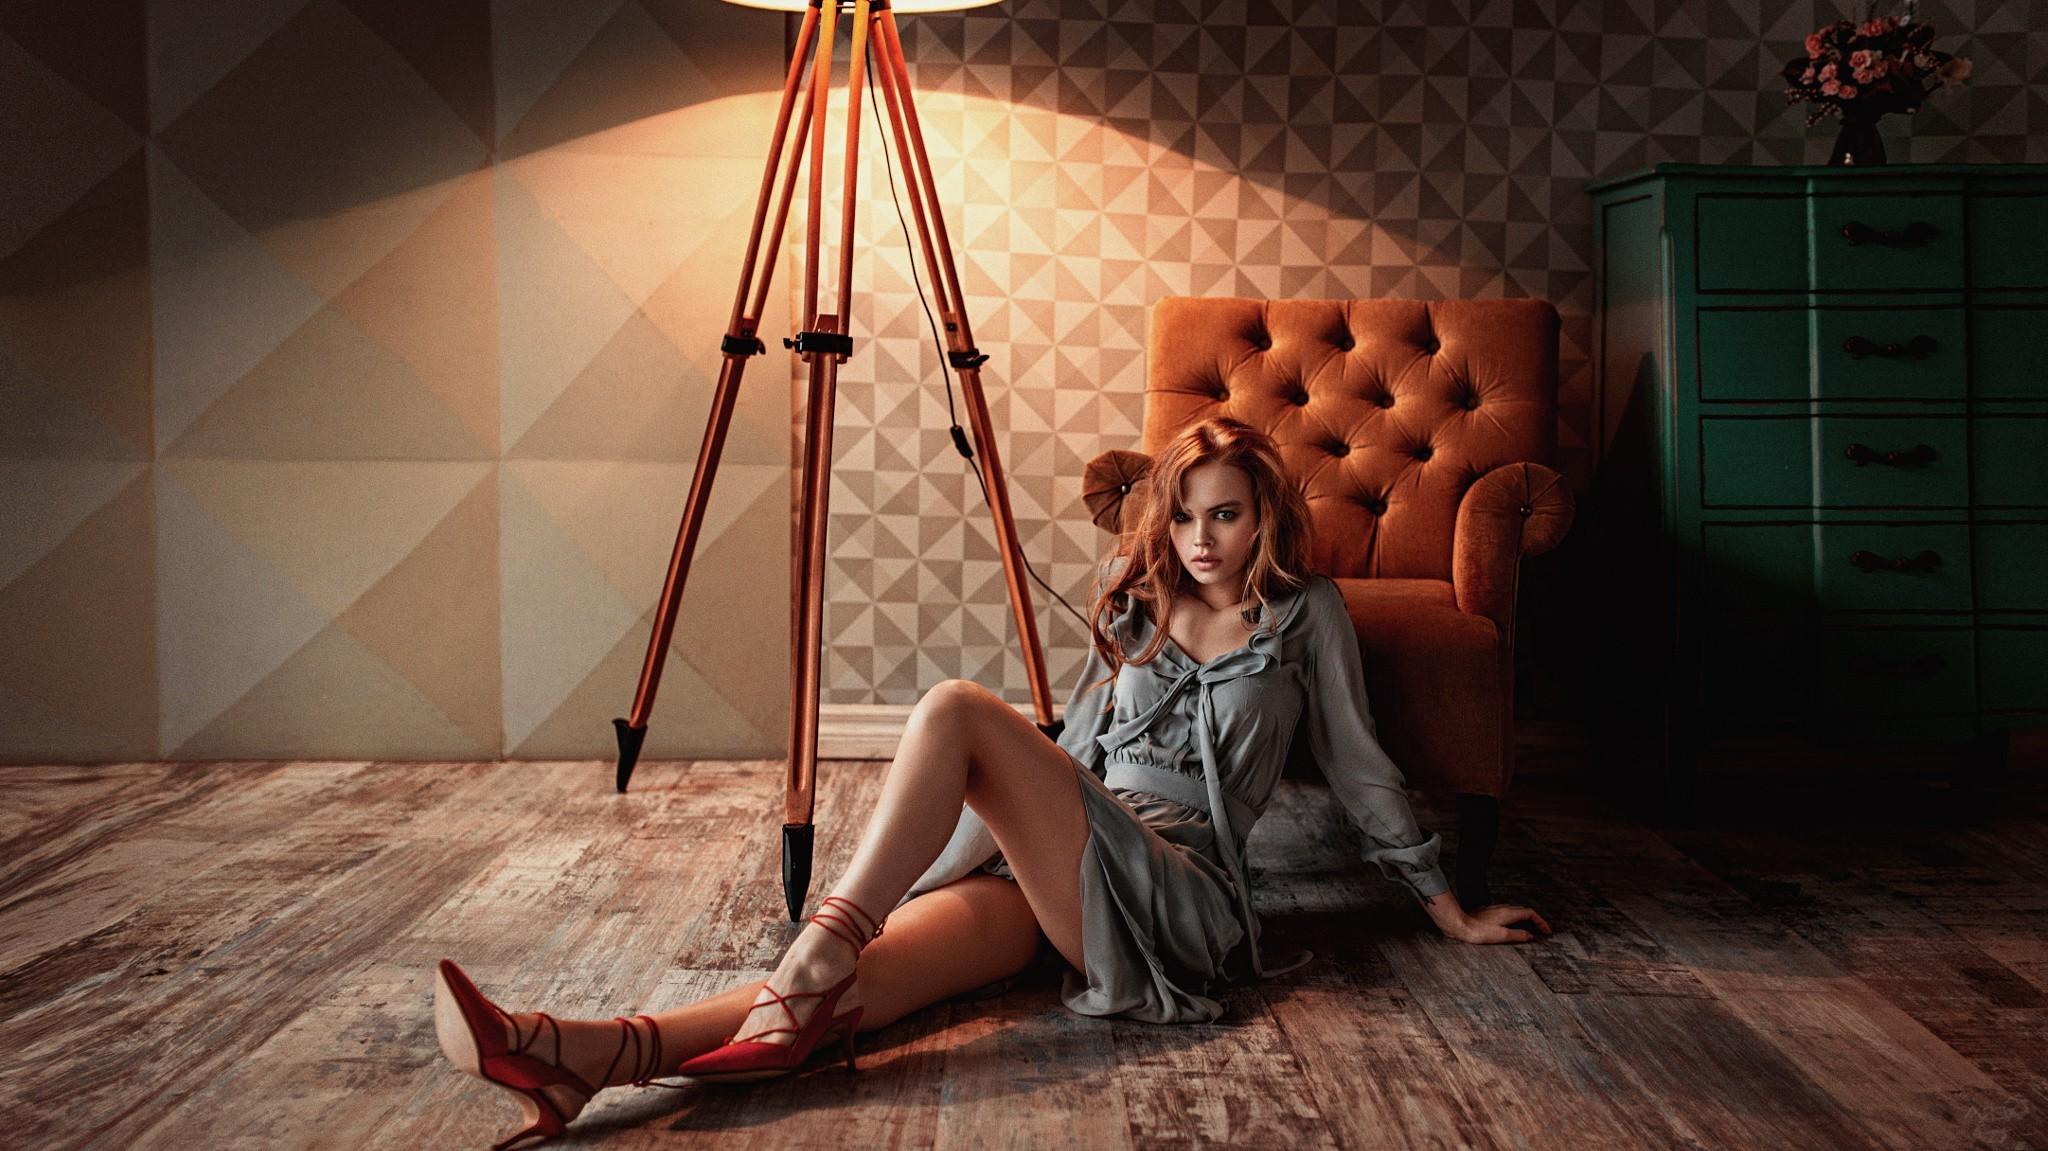 Девушка на фотосессии в студии с фотографом